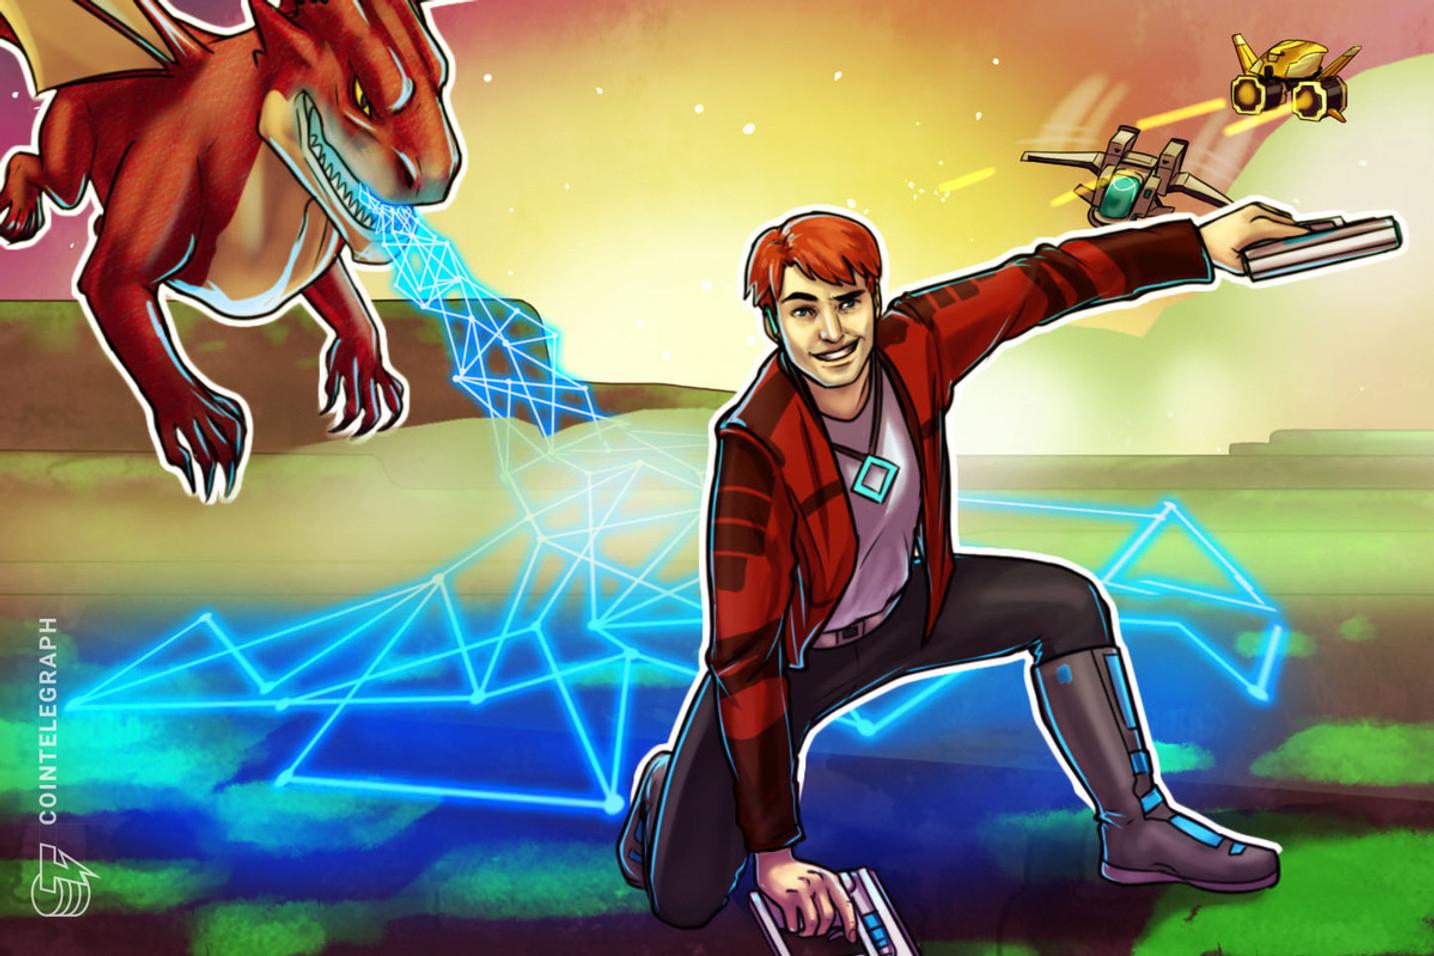 スクエニ出資のブロックチェーンゲーム「ザ・サンドボックス」、仮想現実スペース「LAND」プレセールが30分でほぼ完売